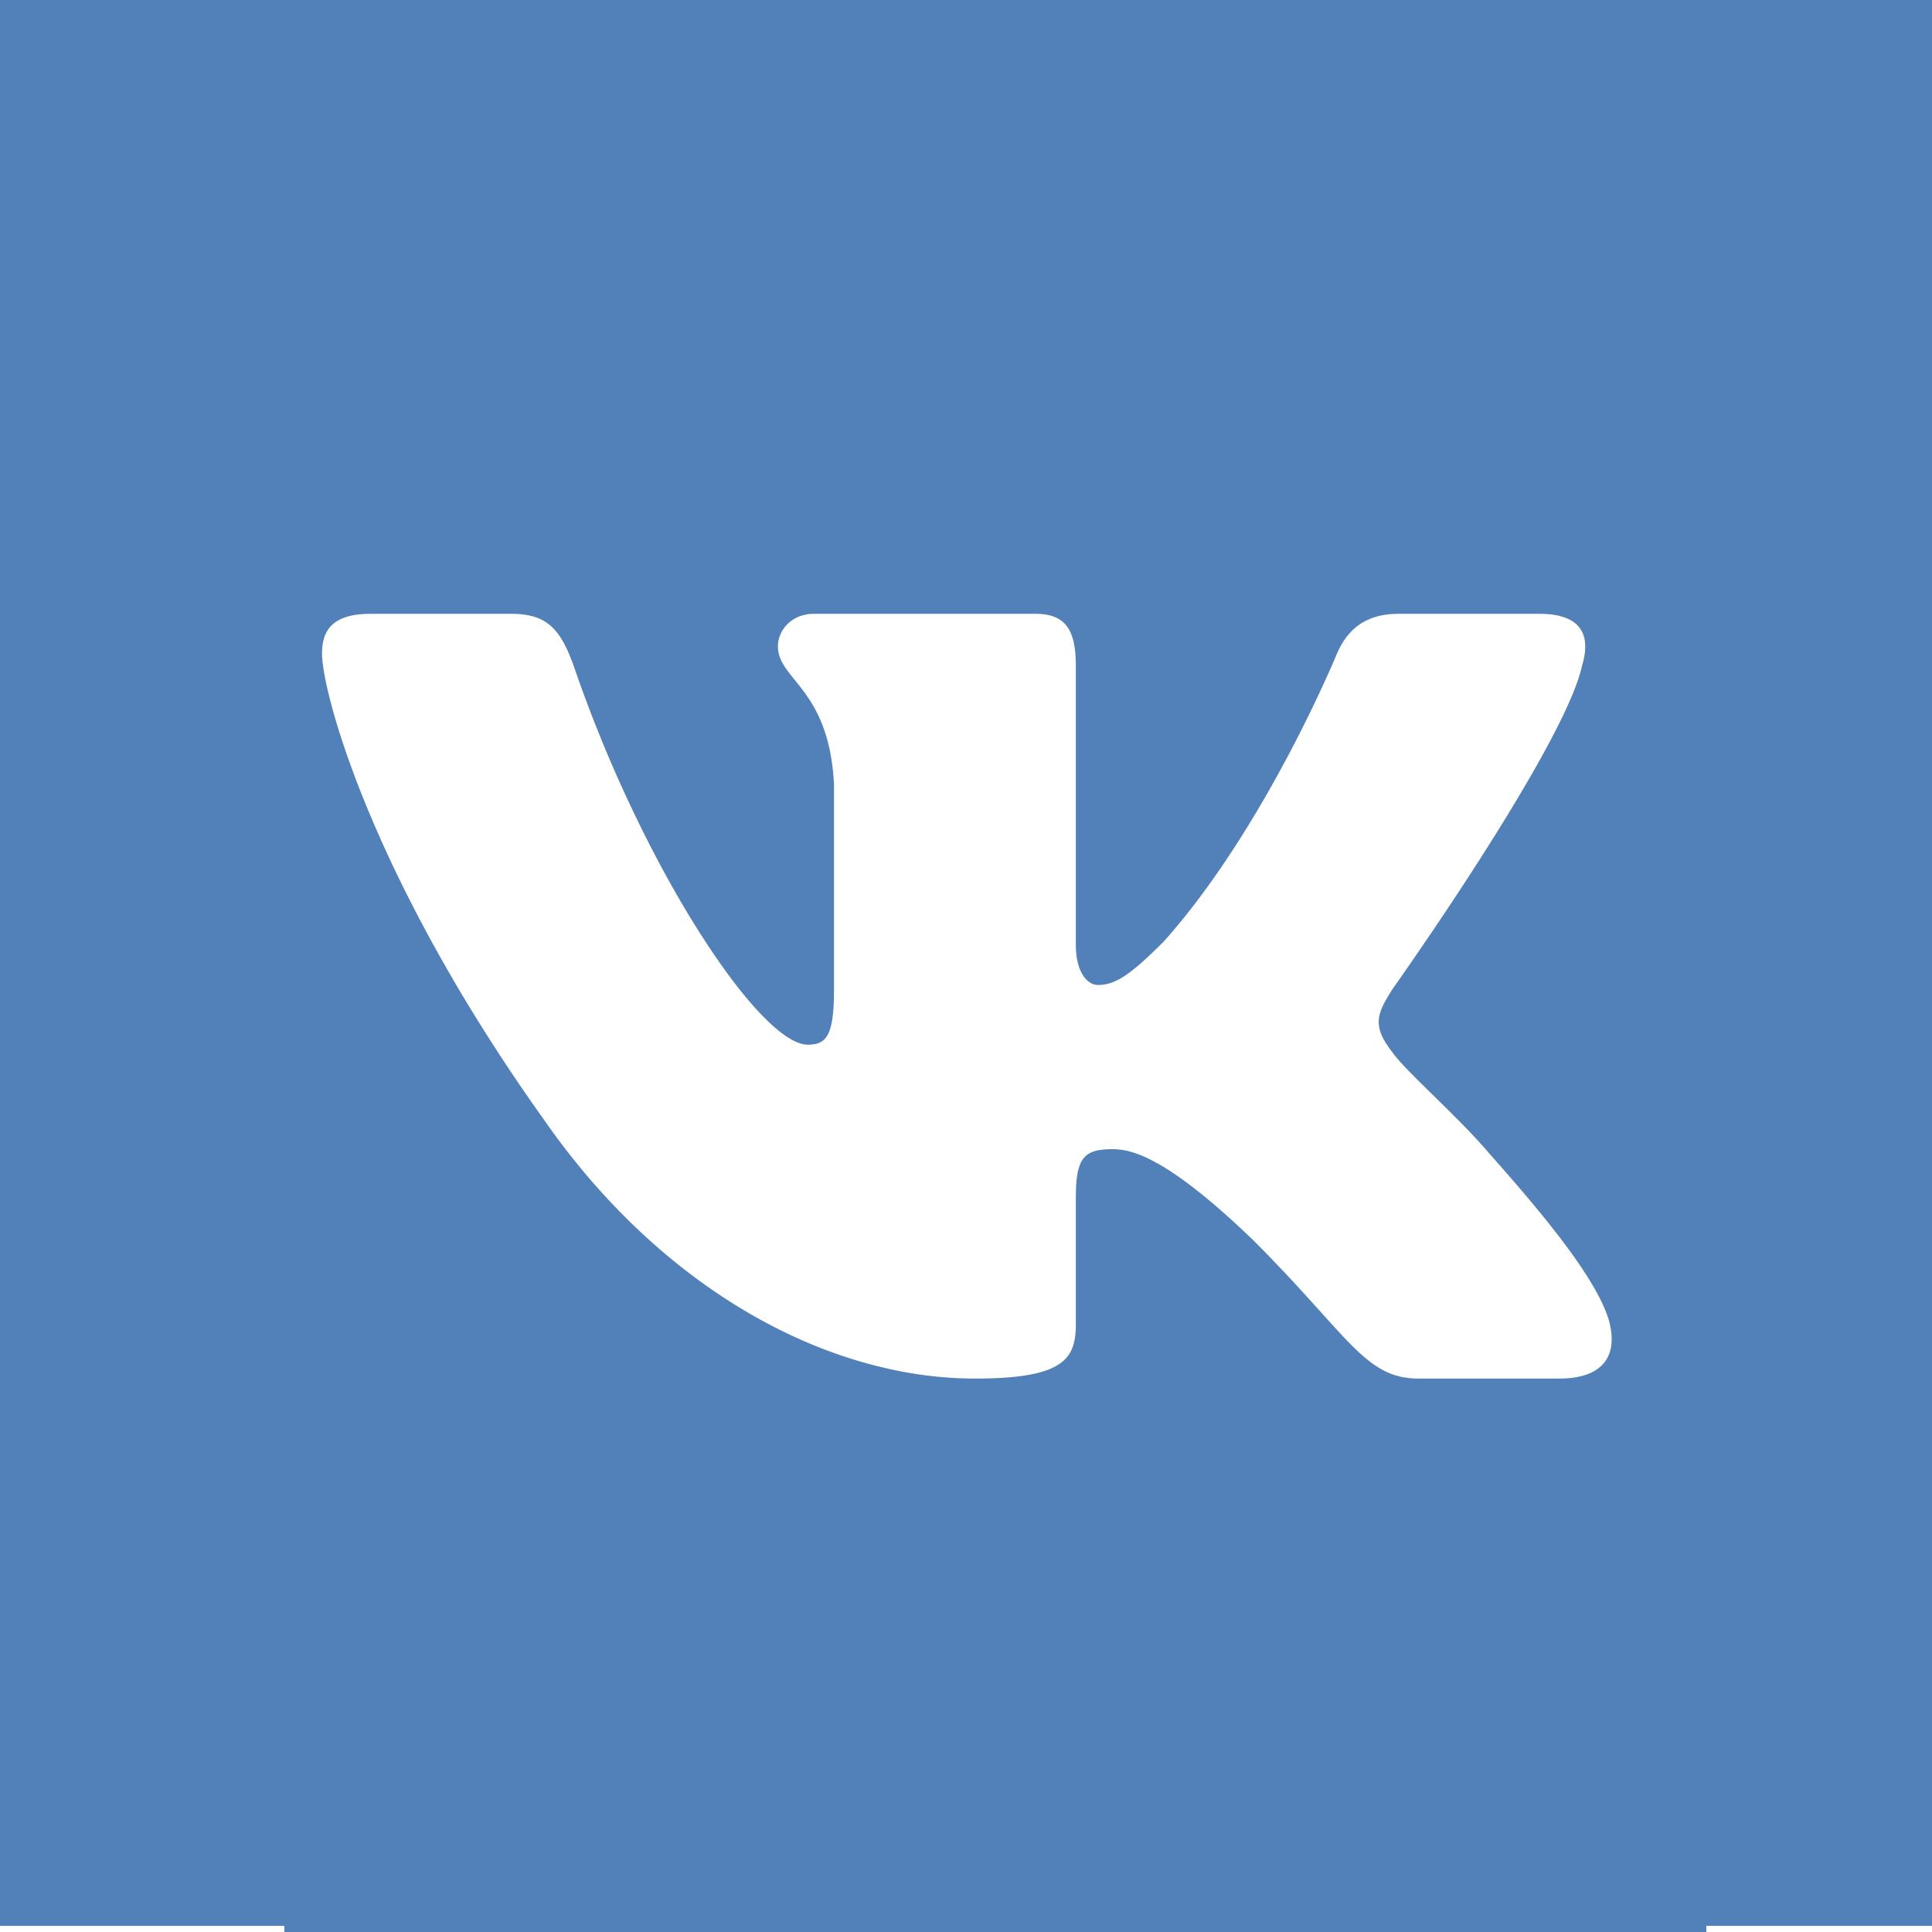 Visit us at VK.